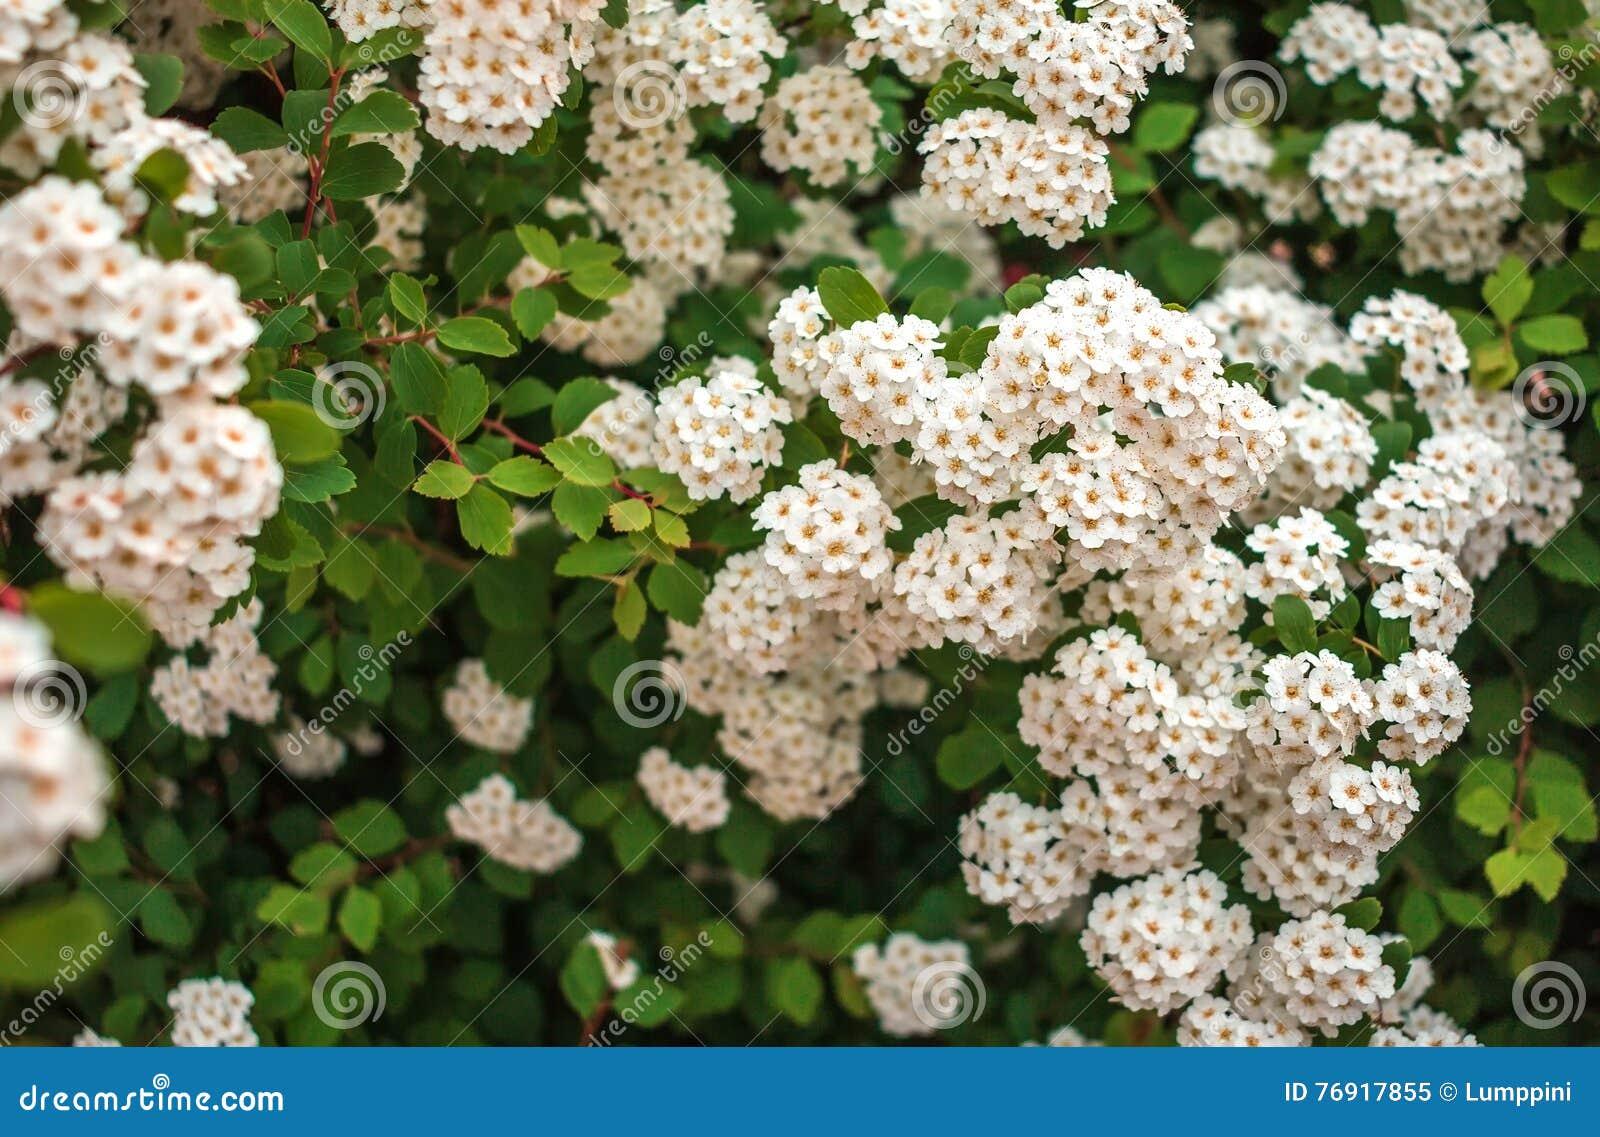 arbustos de la flor blanca en un fondo borroso foto de On arbustos salvajes